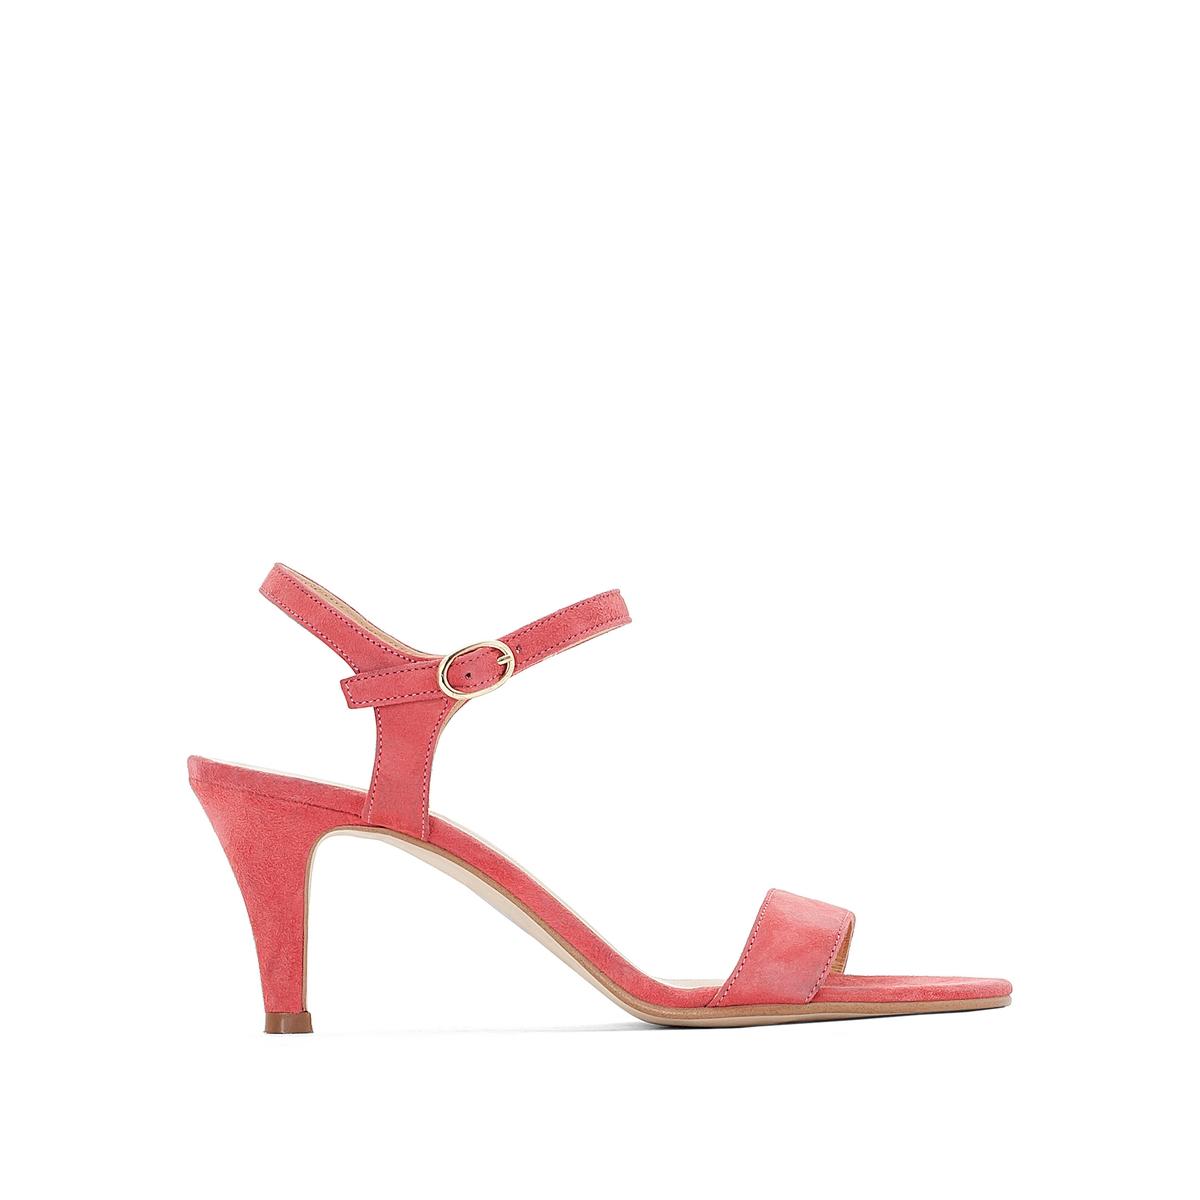 Босоножки кожаные на шпилькеВерх : кожа   Подкладка : кожа   Стелька : кожа   Подошва : эластомер   Высота каблука : 6 см   Форма каблука : шпилька   Мысок : открытый   Застежка : пряжка<br><br>Цвет: розовый